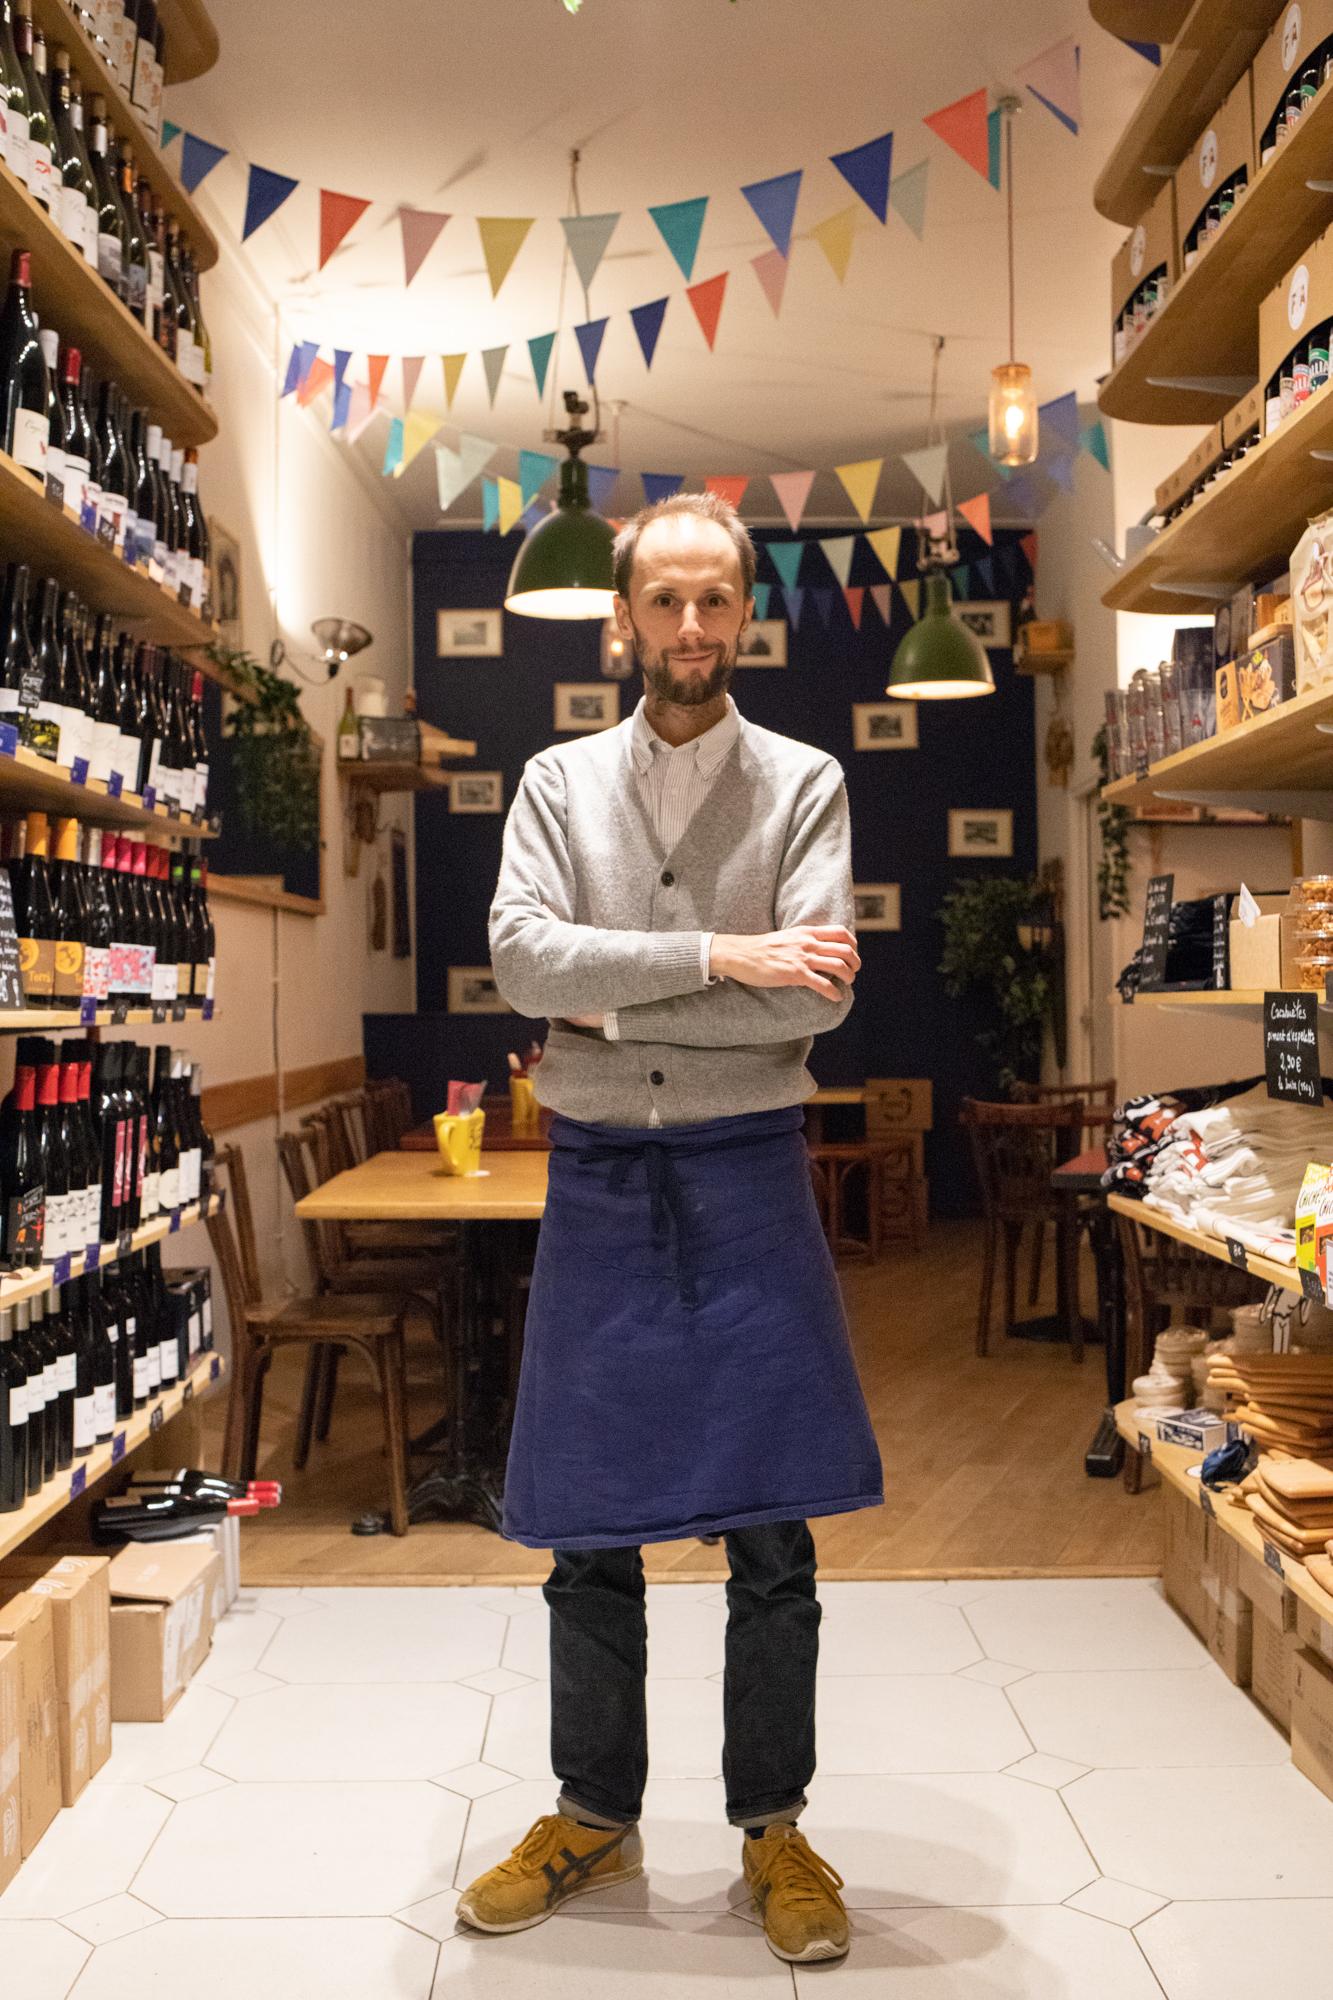 Quentin gérant d'un bar à vin